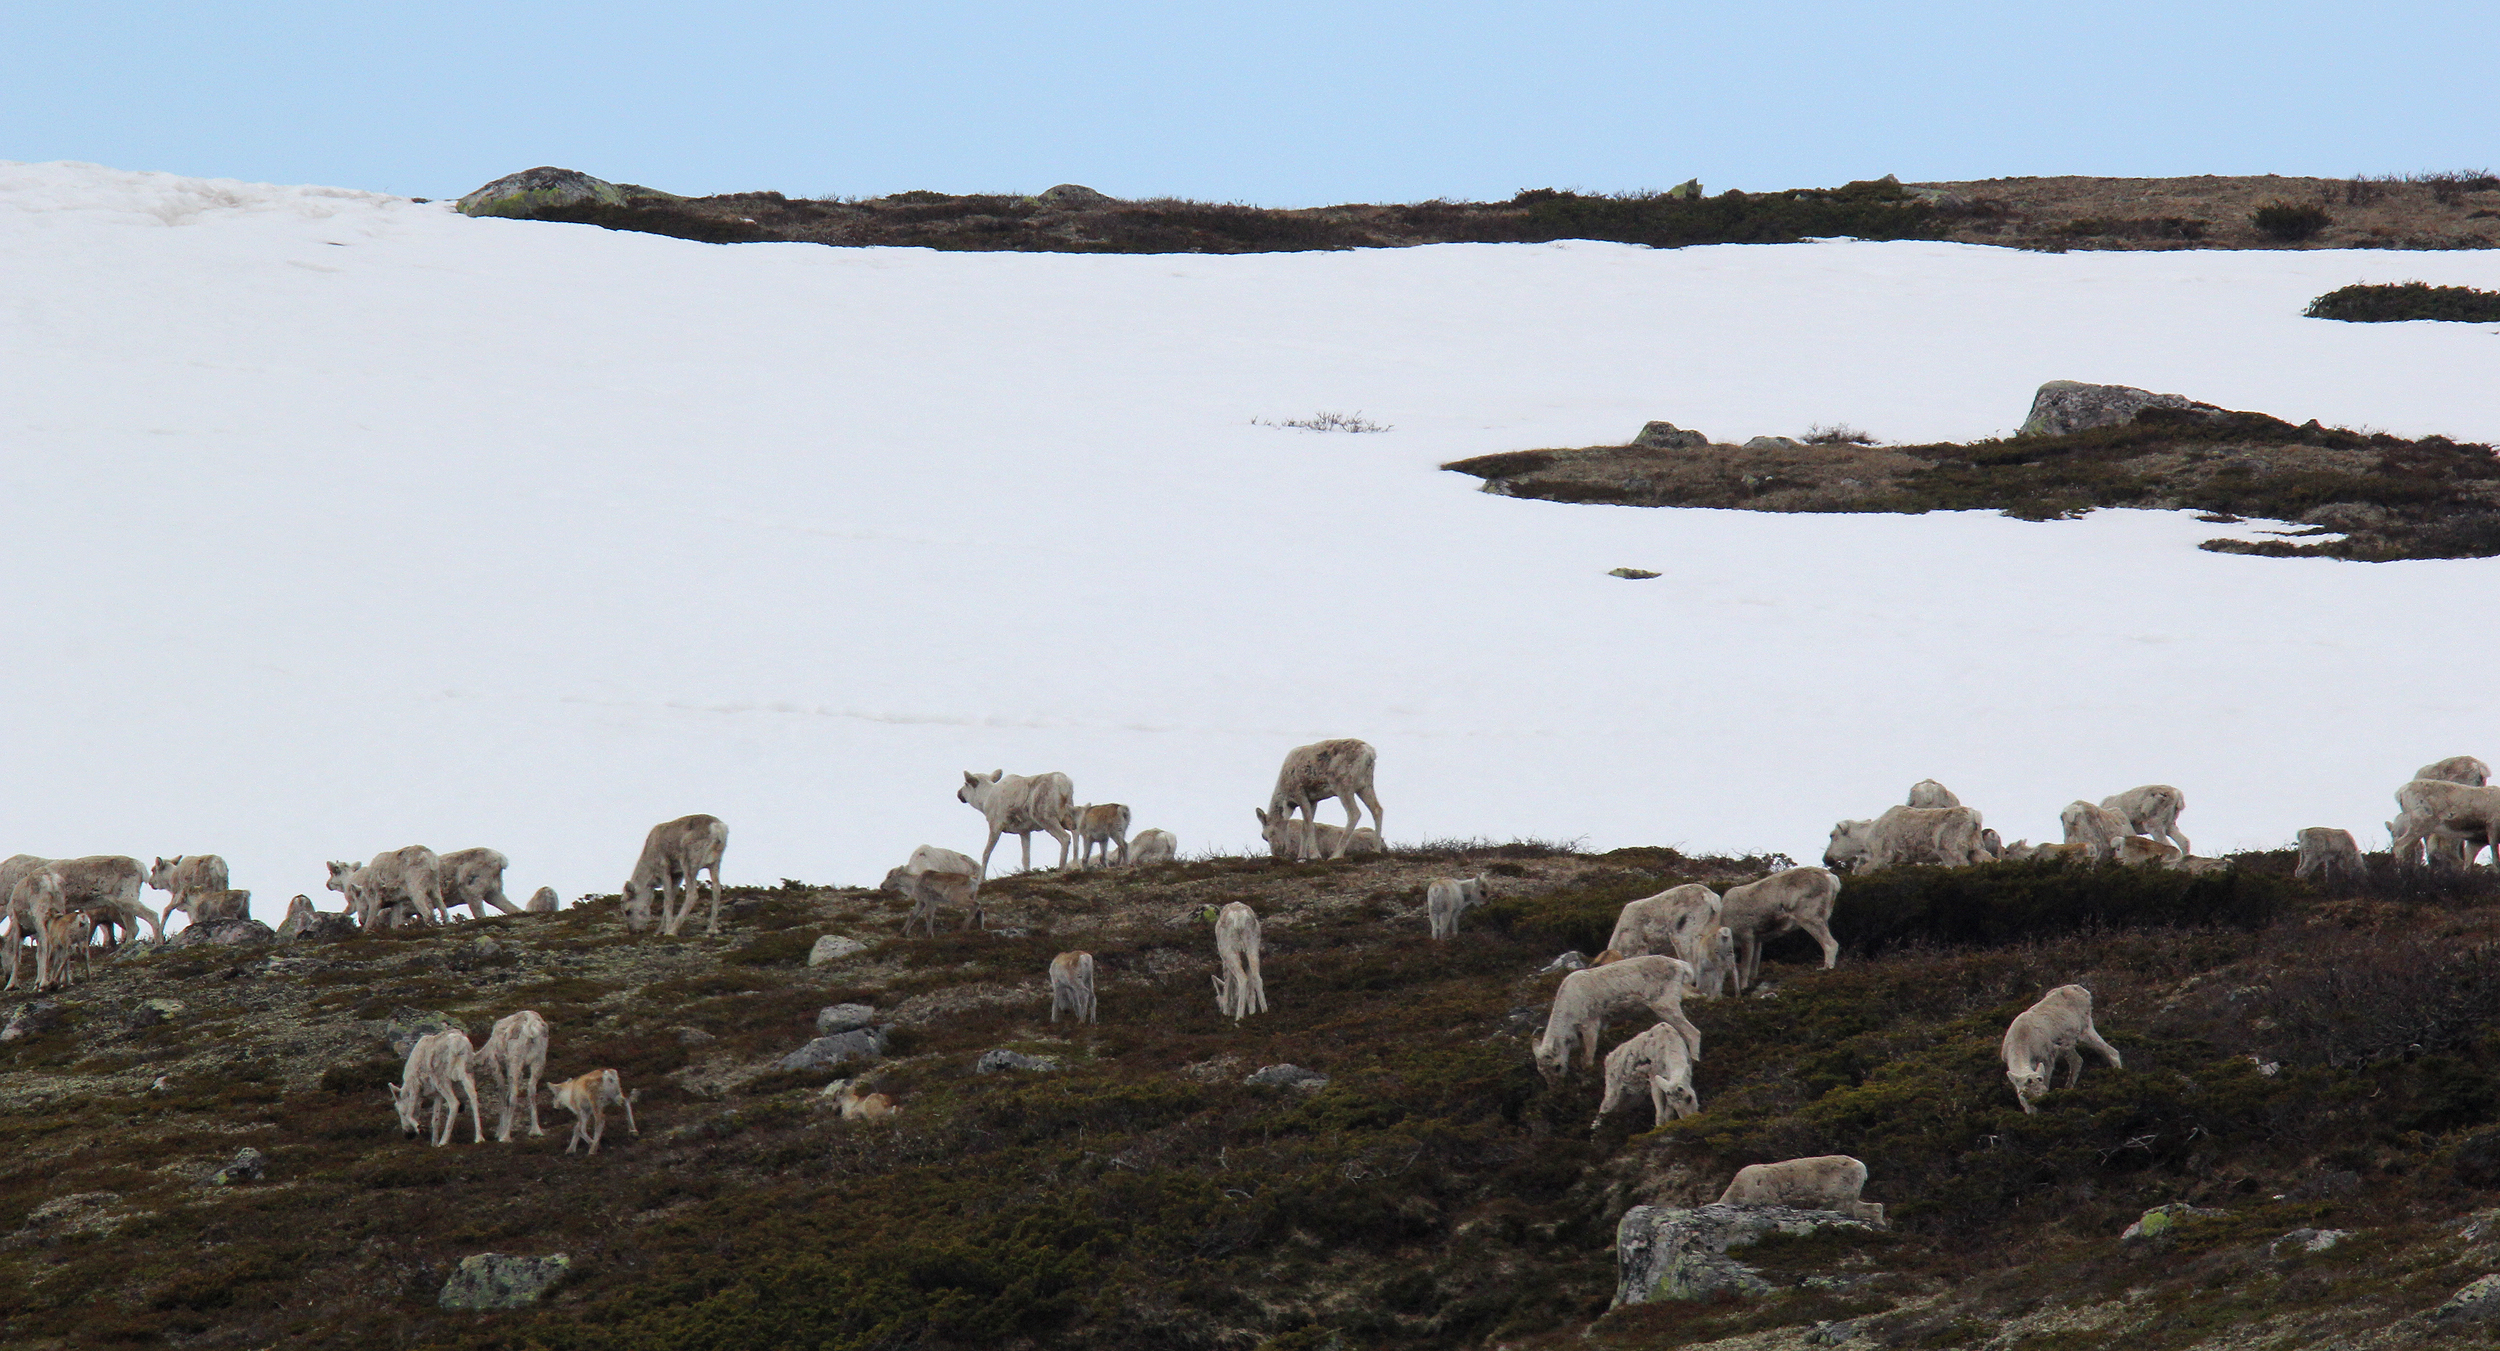 Årets kalvetilvekst antas å ha vært ganske beskjeden, mye pga. sein vår i høyfjellet. Foto: Anders Mossing